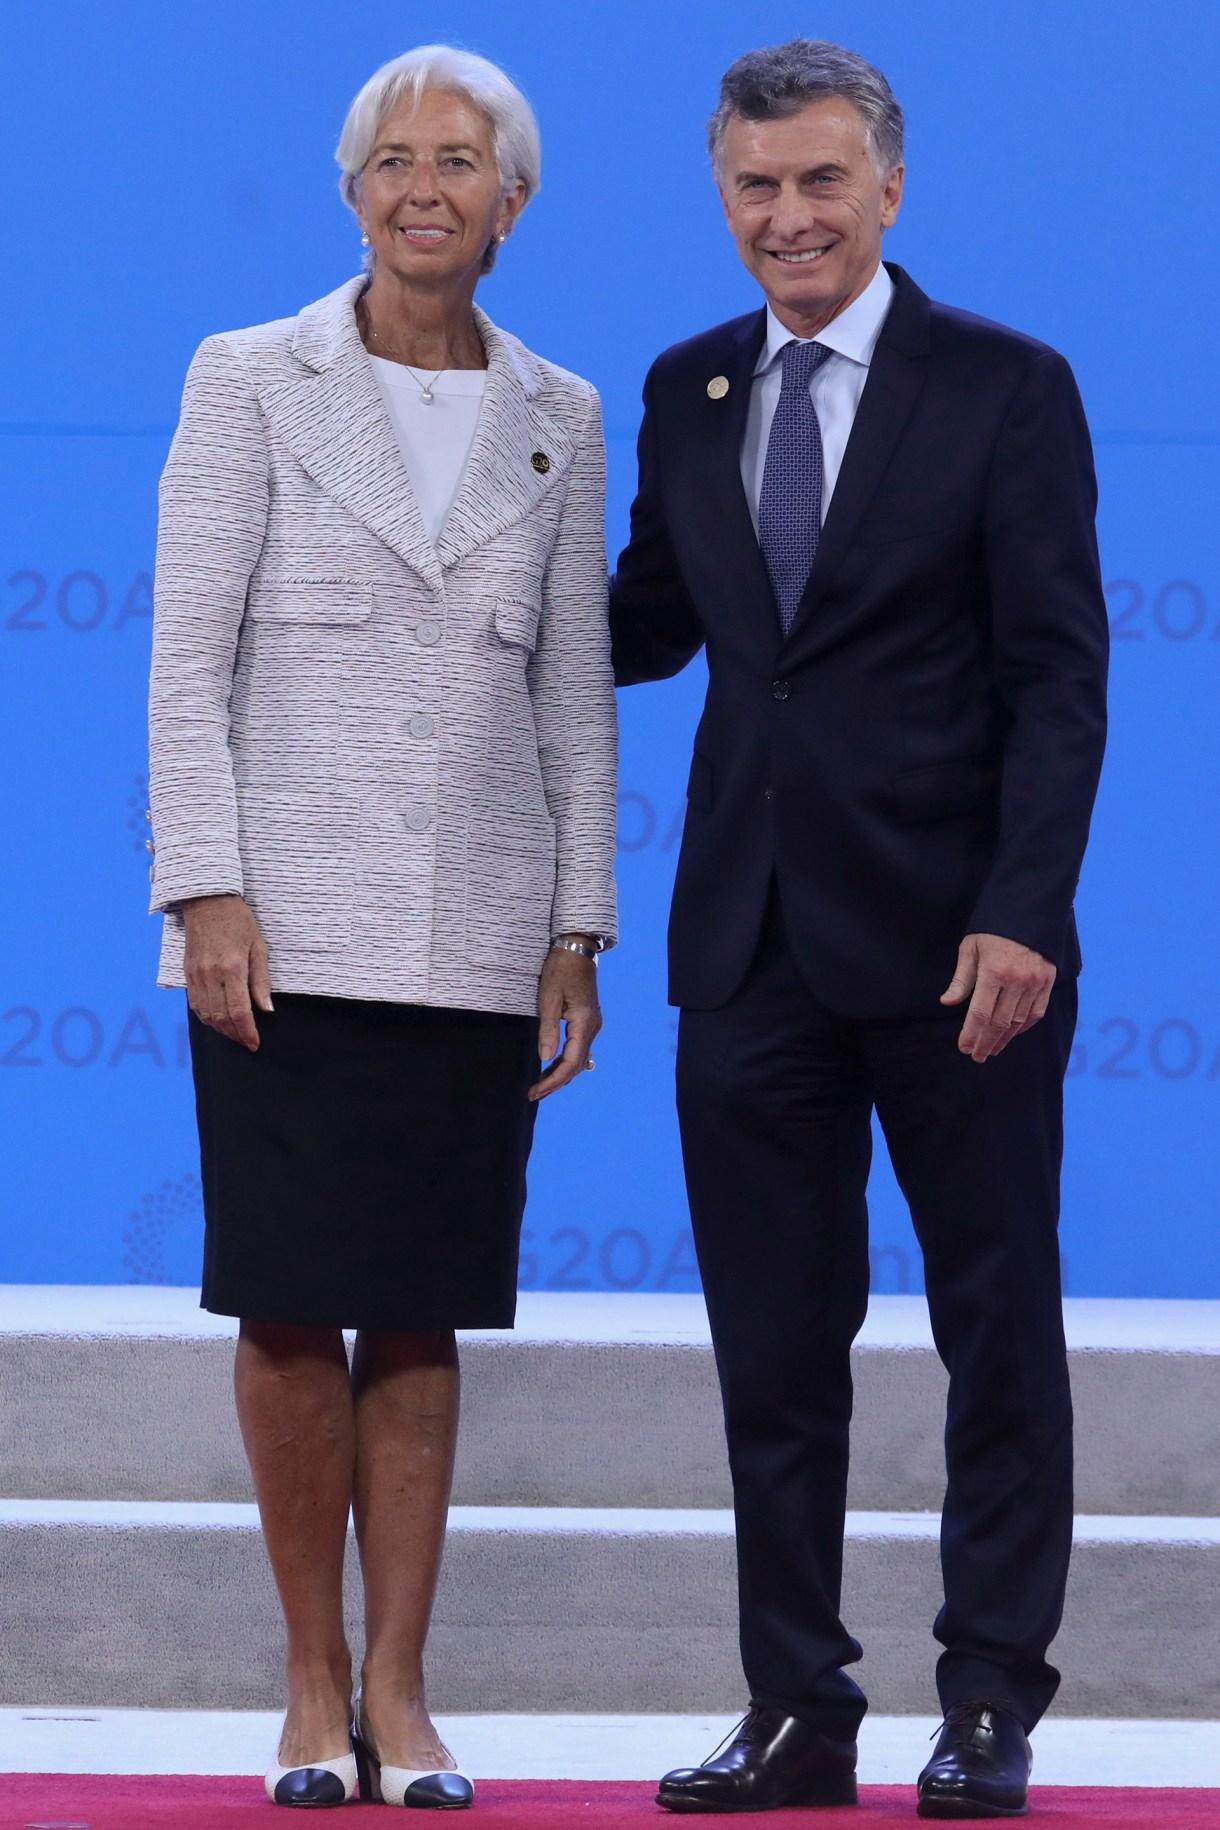 Christine Lagarde, presidente del Fondo Monetario Internacional junto a Mauricio Macri en la presentación oficial de los participantes del G20 (Photo by Ludovic MARIN / AFP)